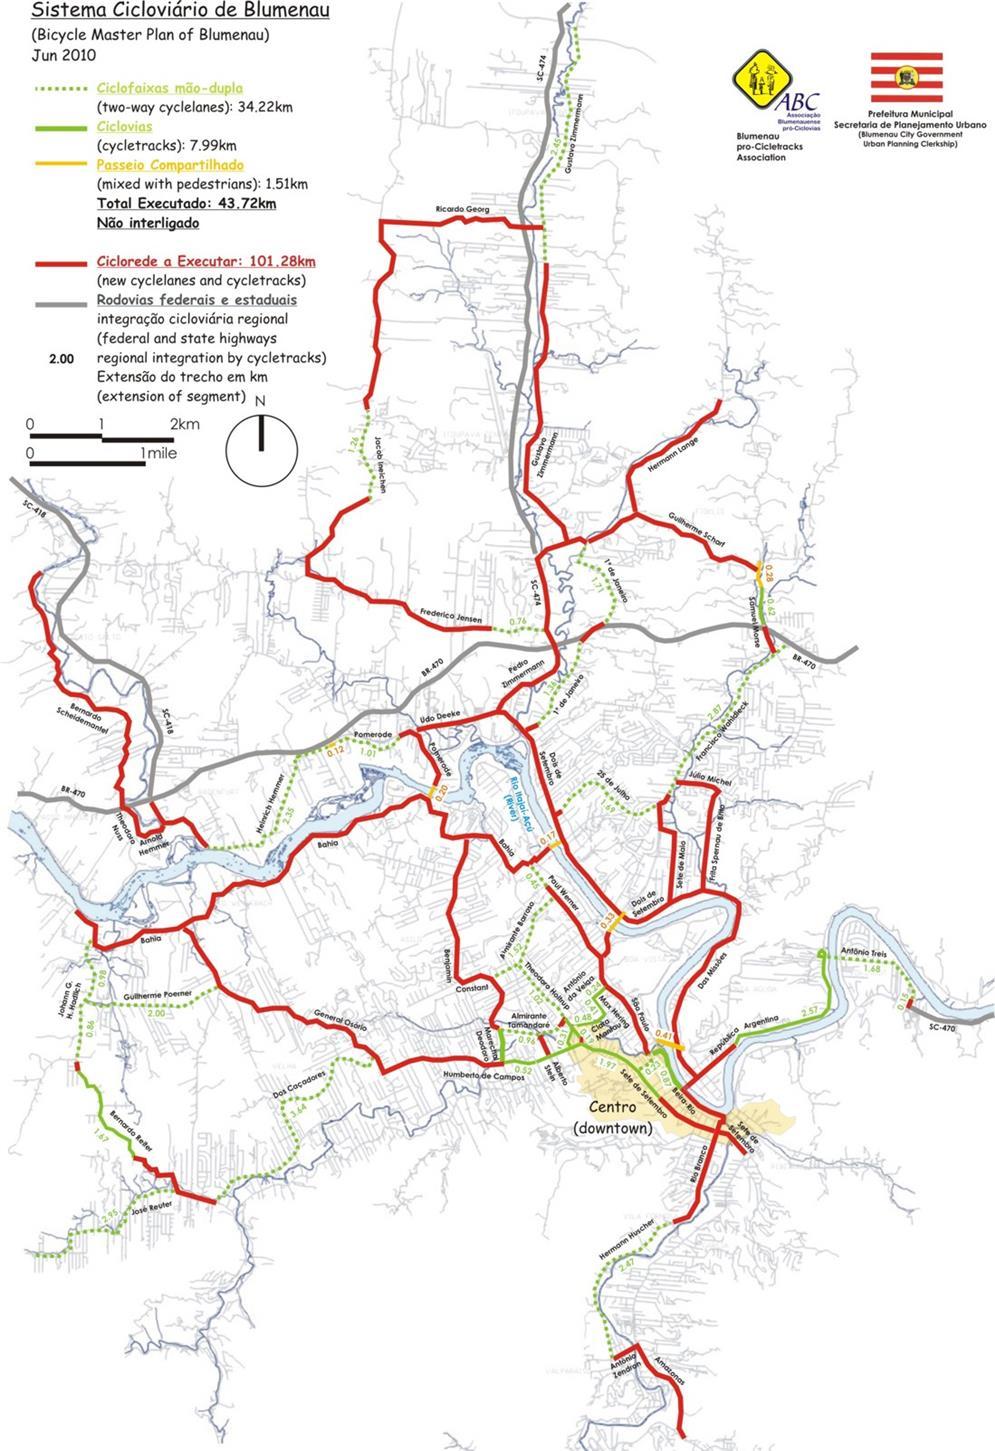 Mapa da rede de Ciclovias de Blumenau, SC